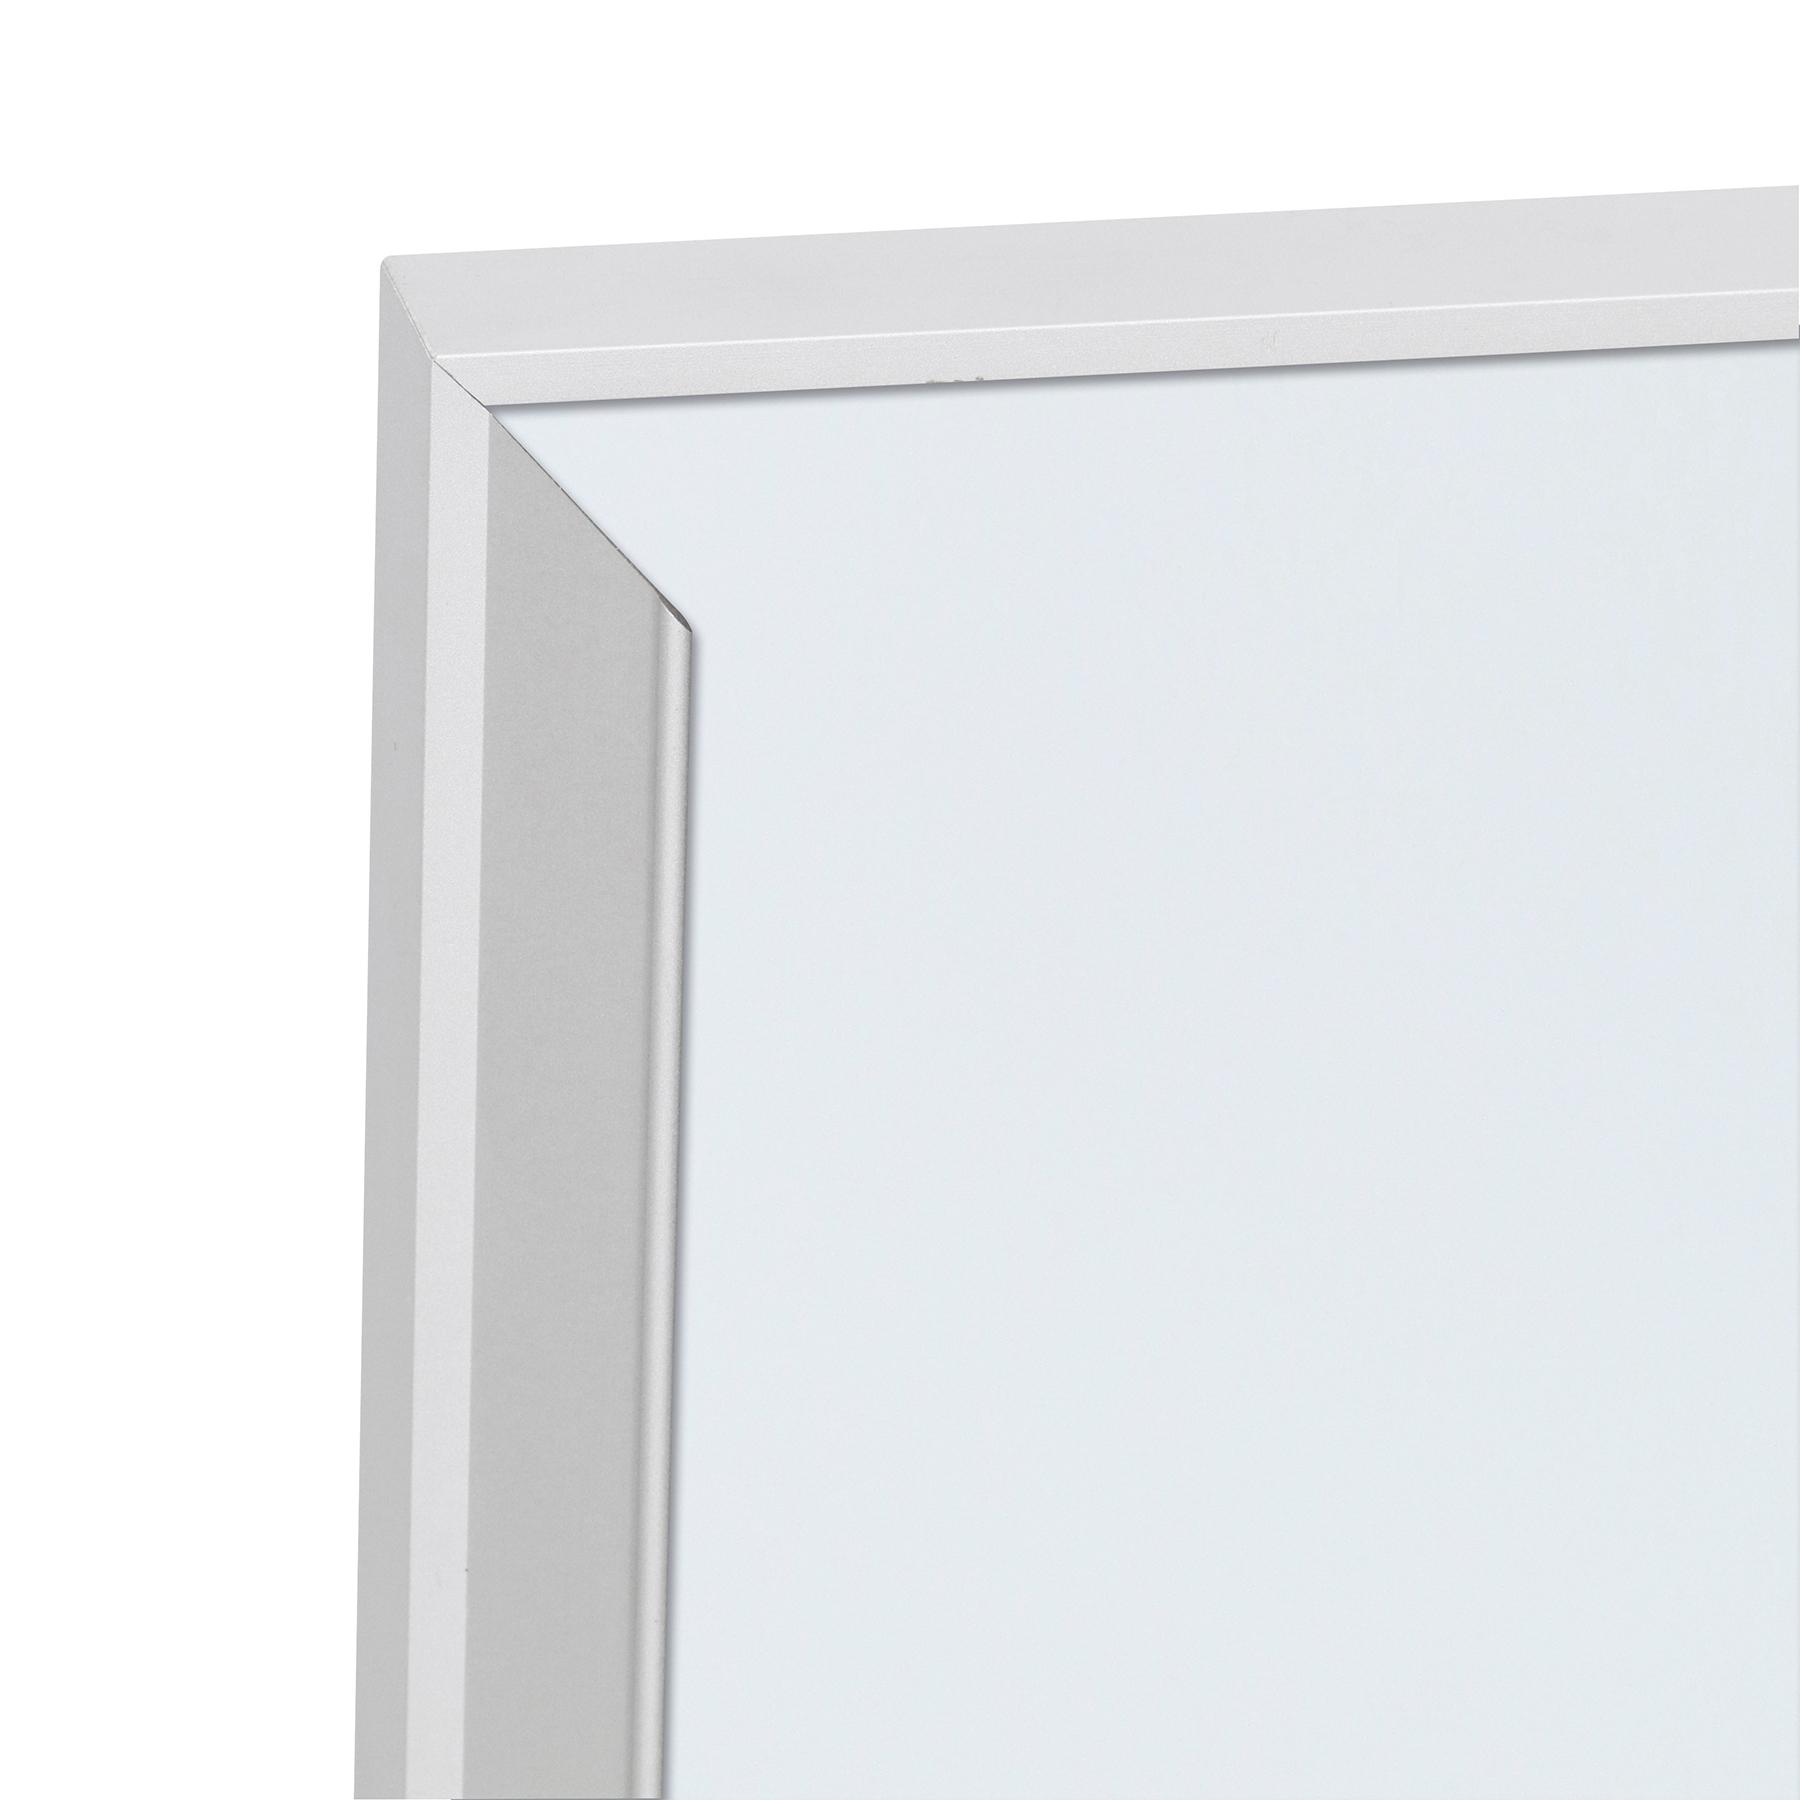 ecf8e5a60f0047 porta para cozinha lille aluminio e vidro branco 200x40cm f40 200 89102426 0003 original.jpg